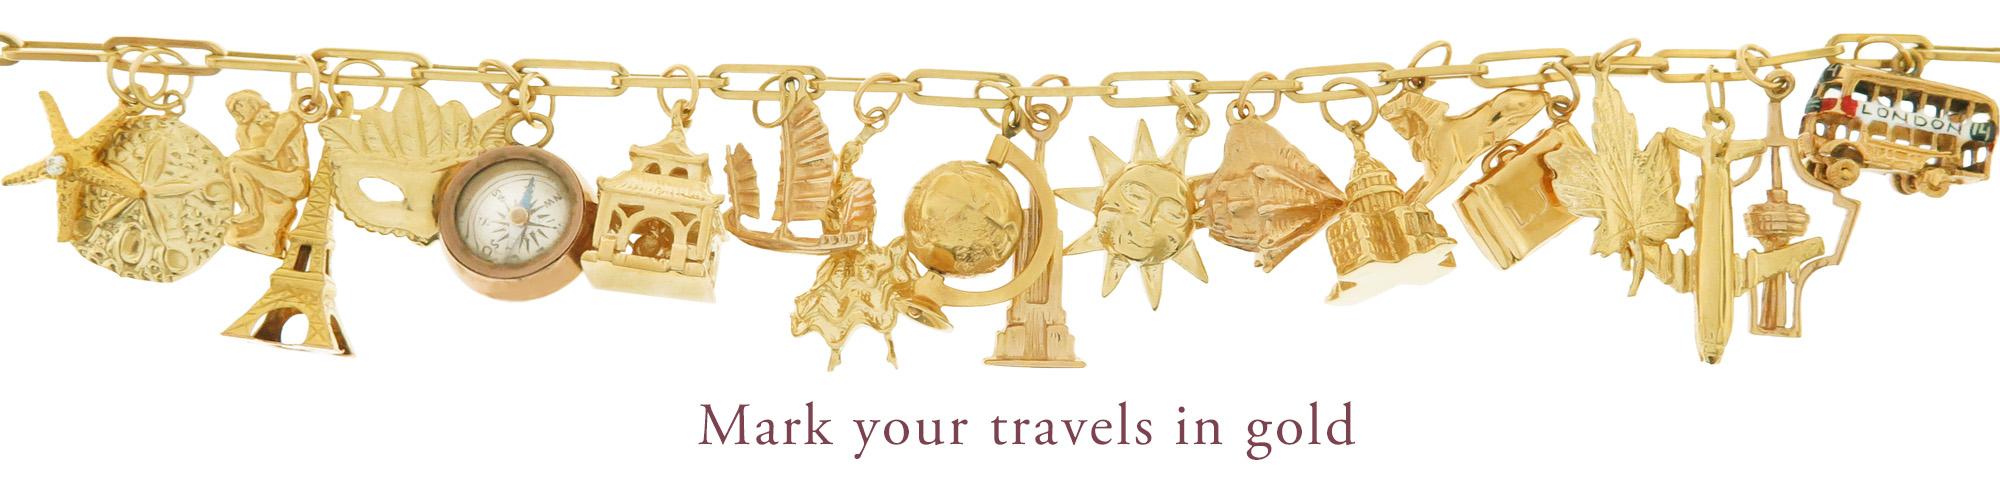 travel-banner-new2.jpg